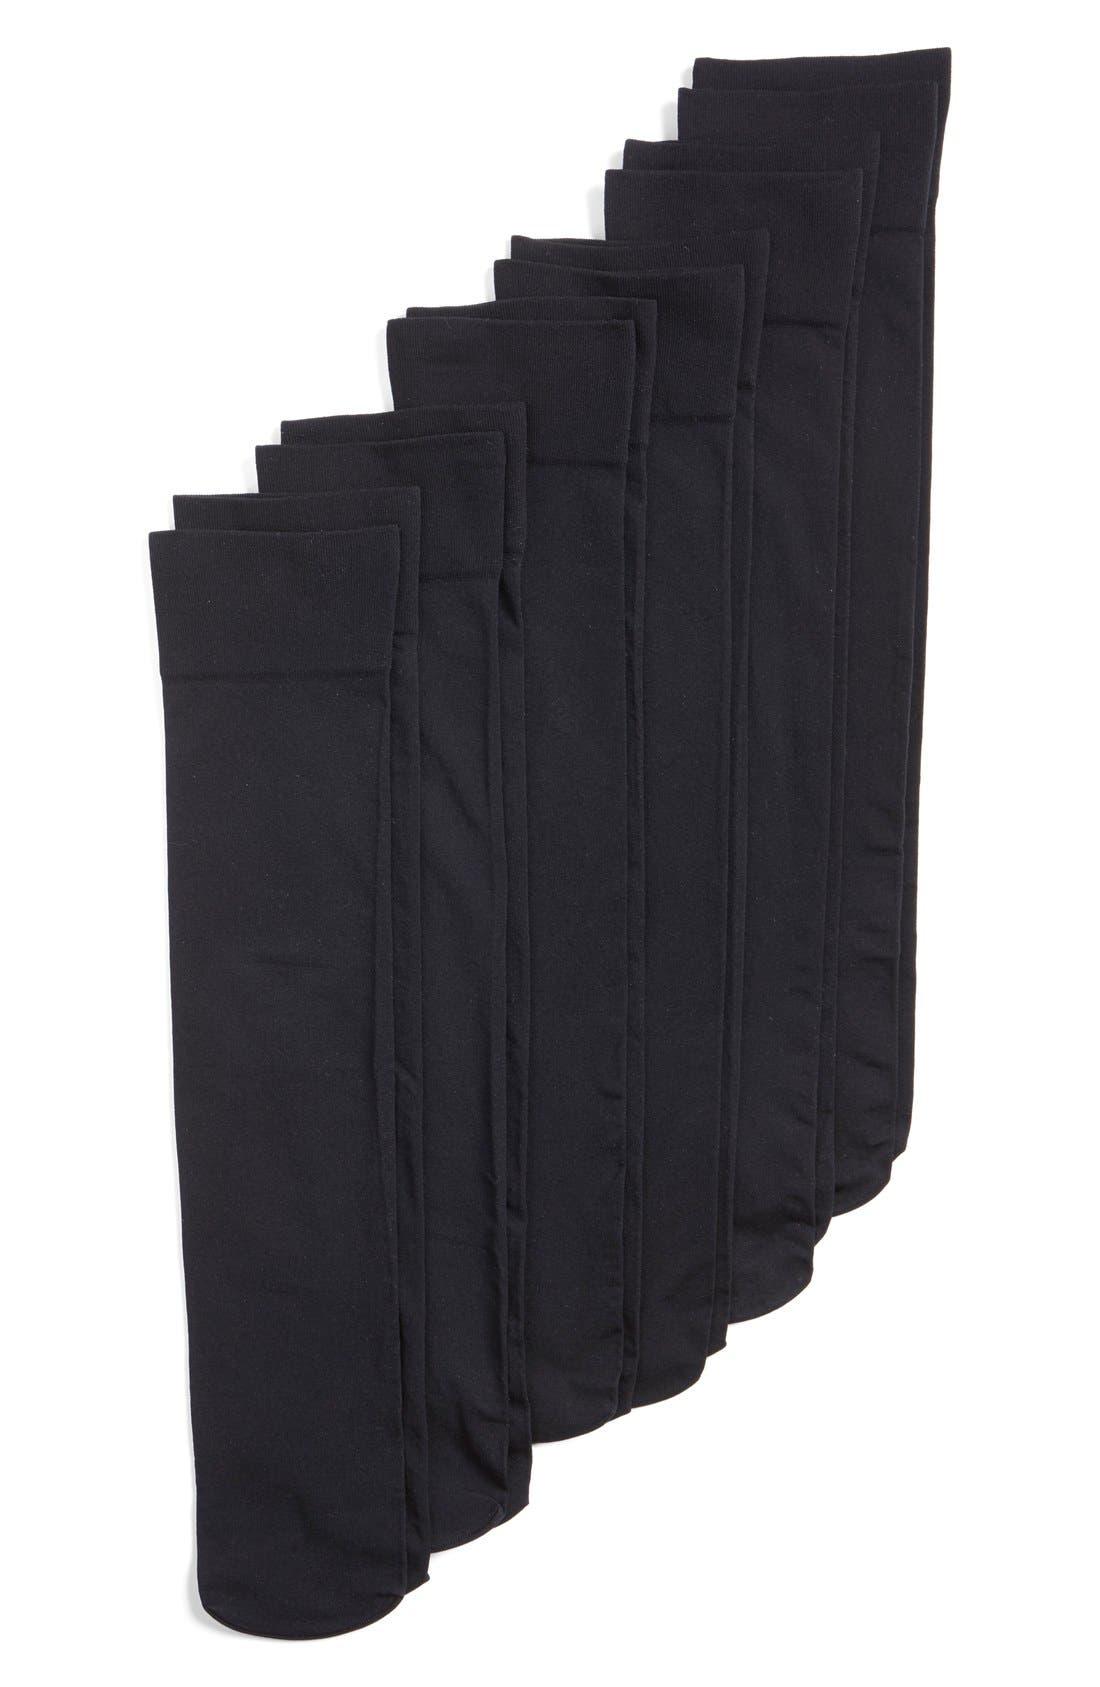 Nordstrom 6-Pack Opaque Trouser Socks